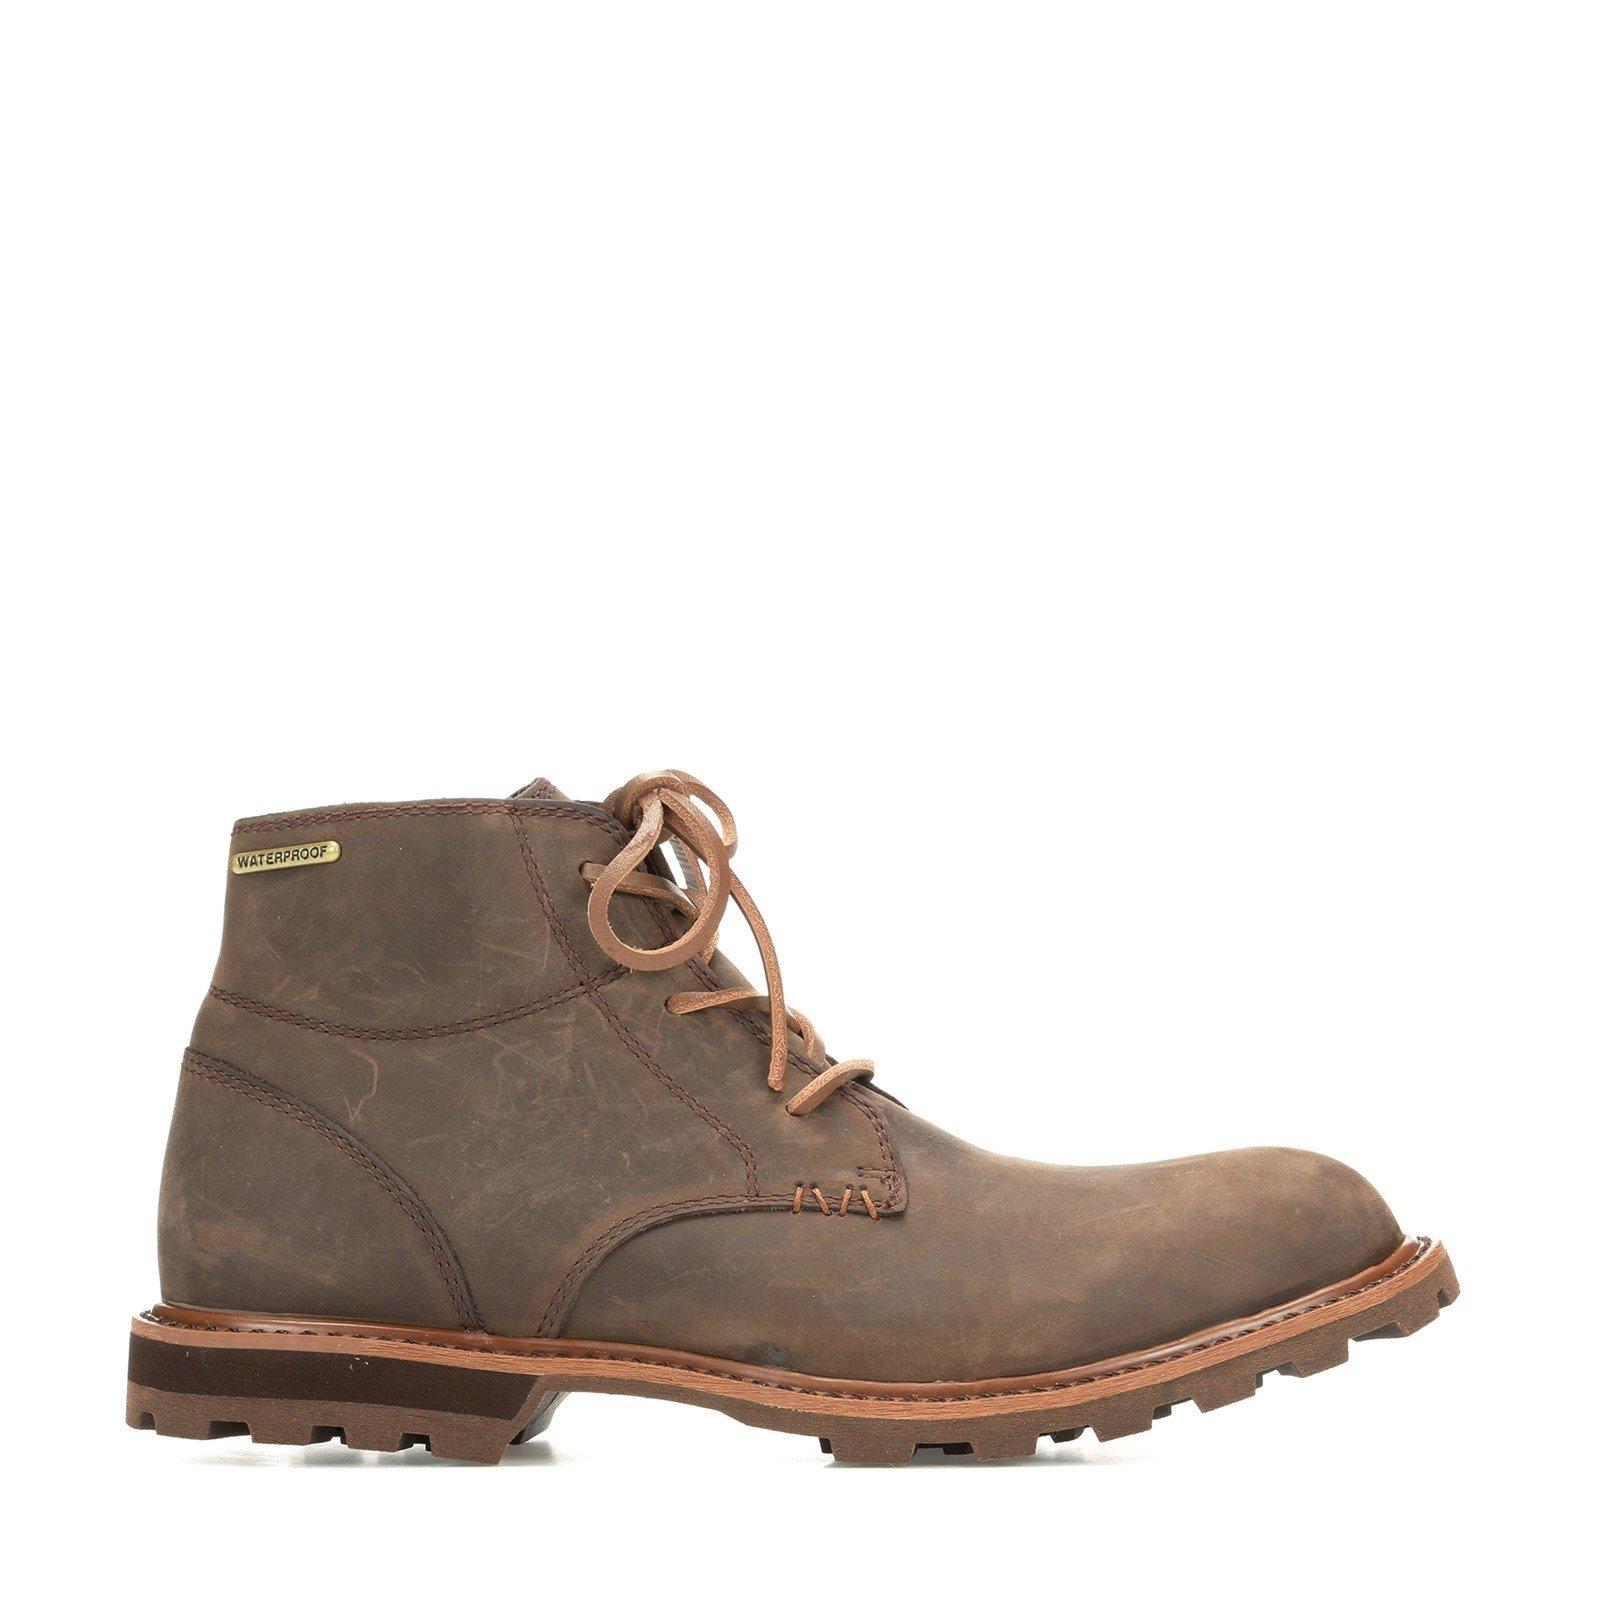 Muck Boots Men's Freeman Boot 31761 - Brown 11